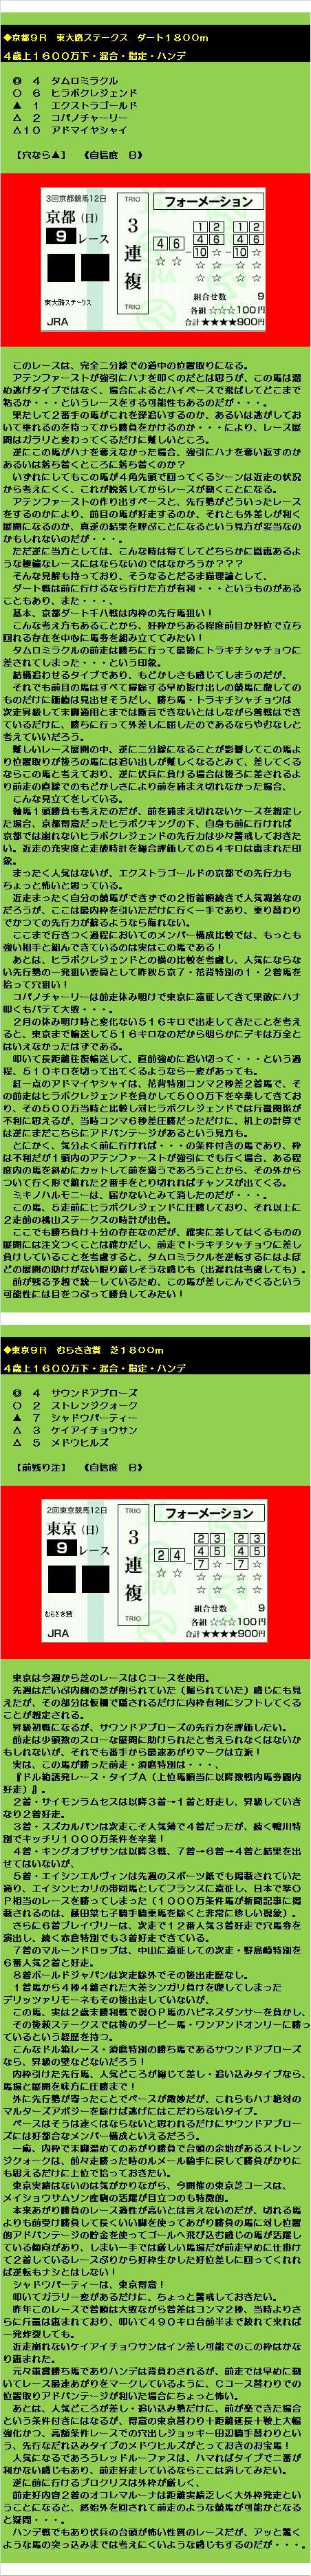 20160529・競馬予想②.jpg